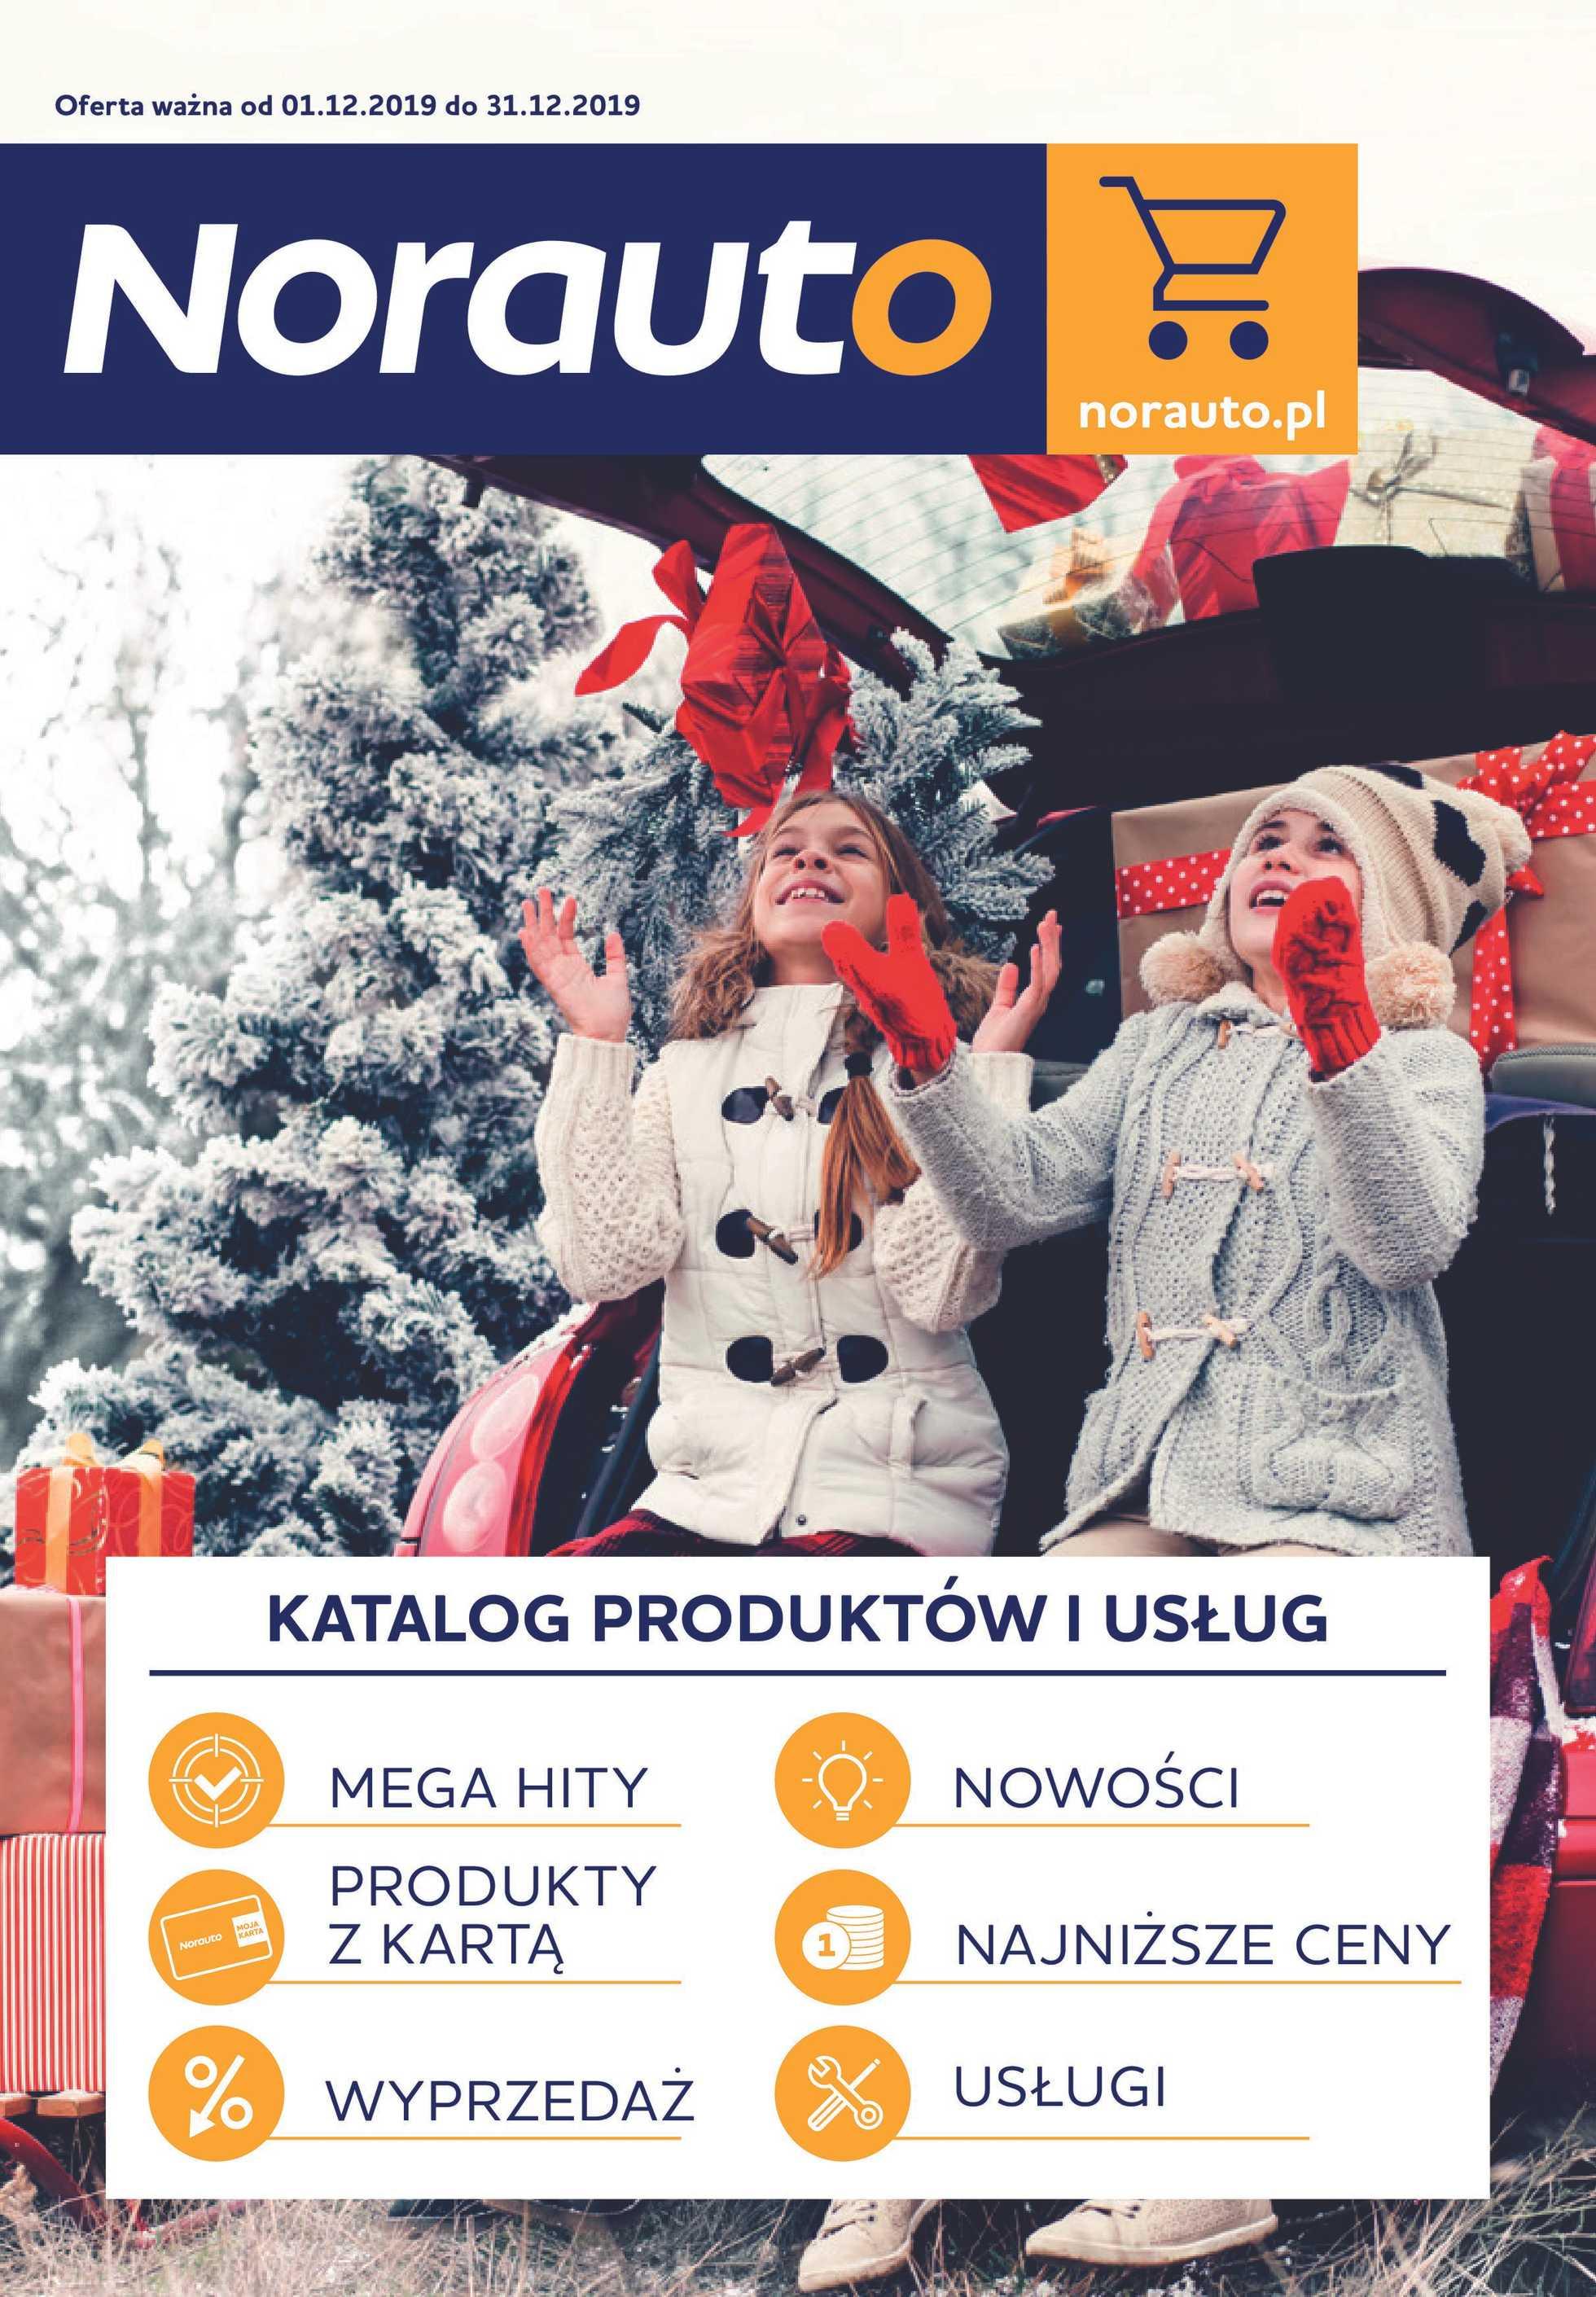 Norauto - gazetka promocyjna ważna od 01.12.2019 do 31.12.2019 - strona 1.